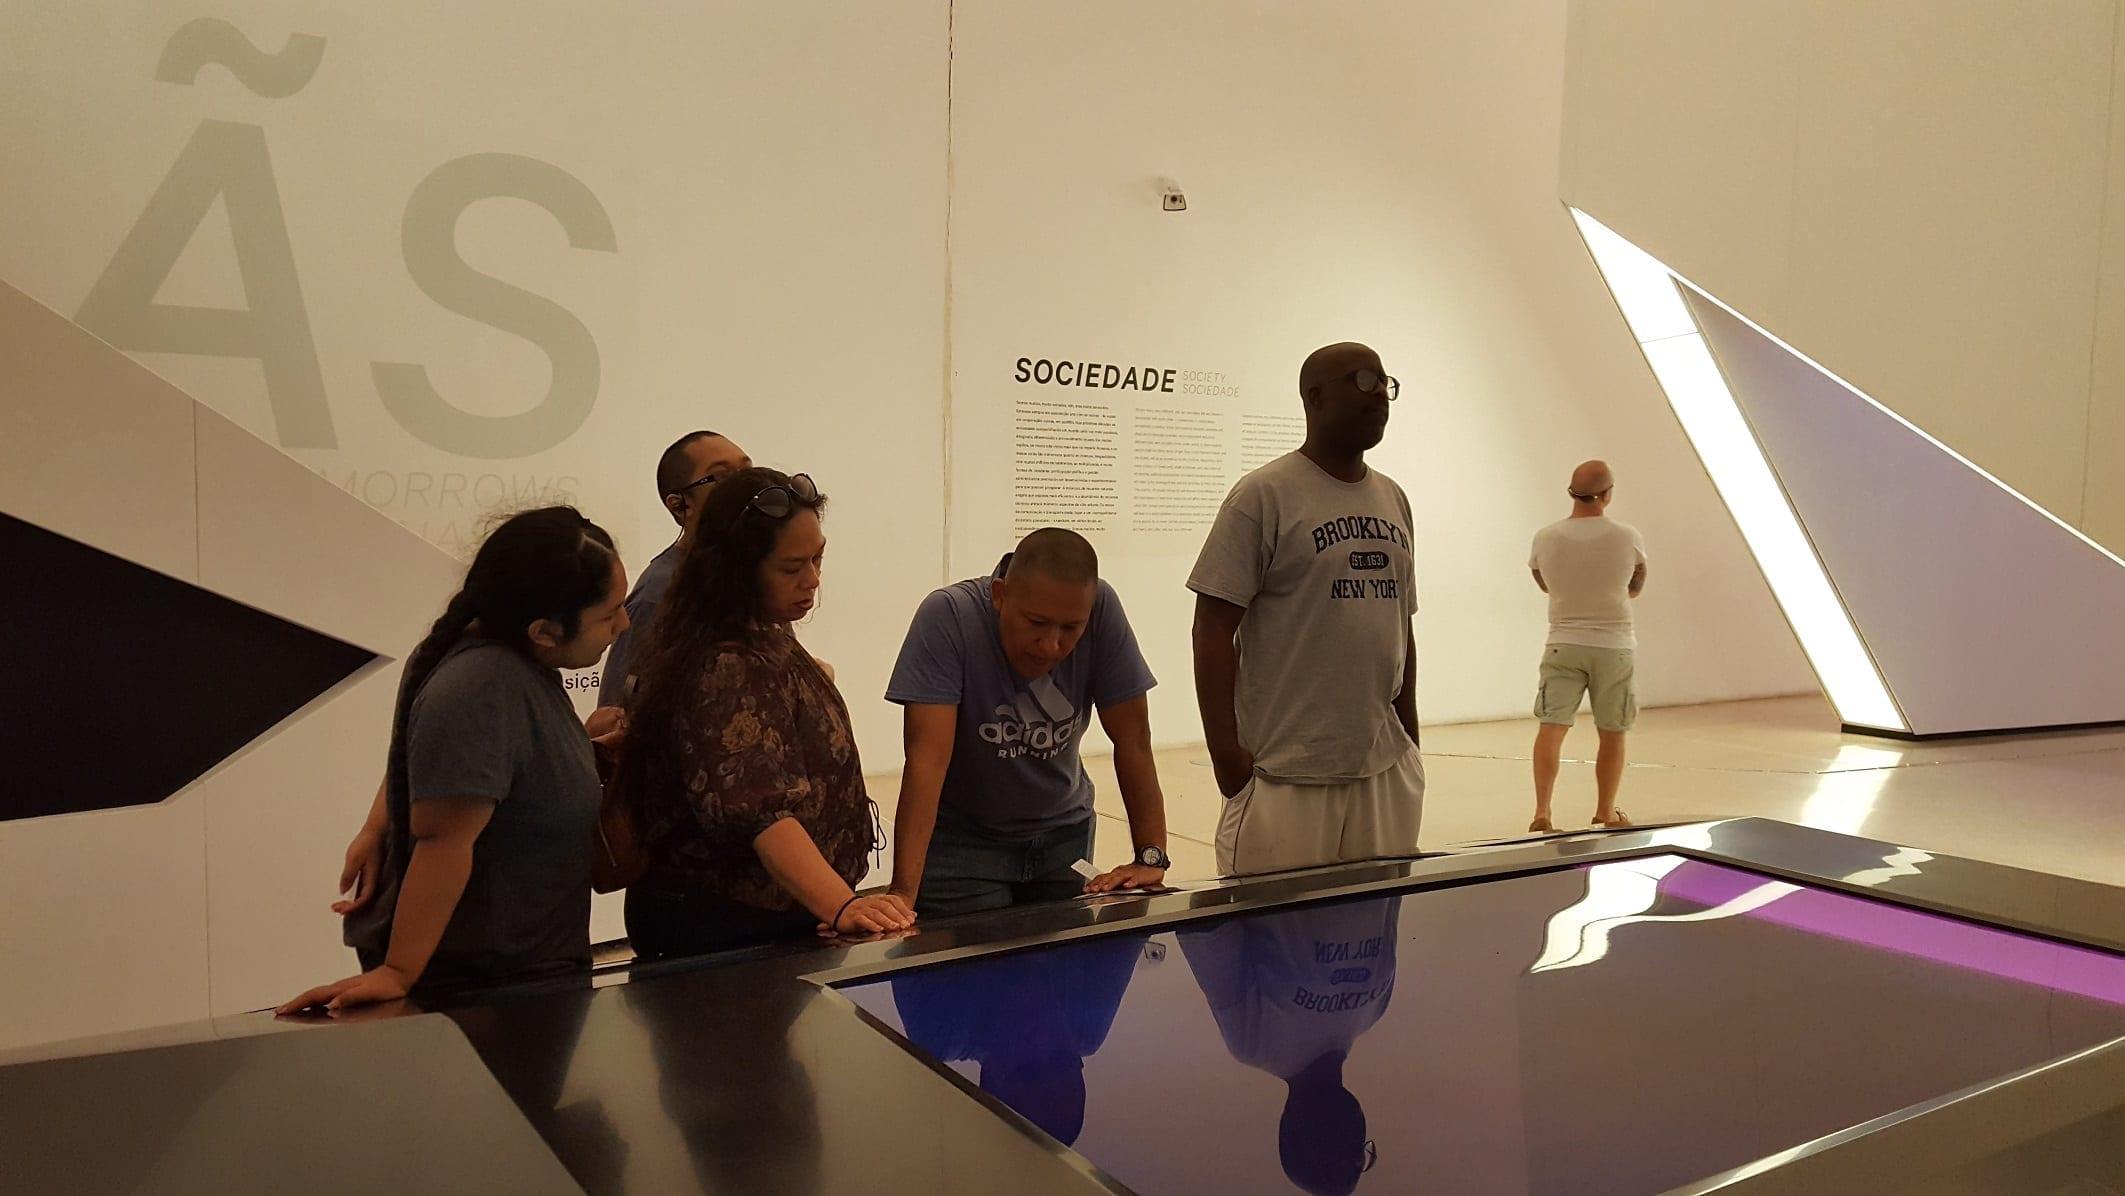 Guillermo y su familia descubriendo su huella ecológica en el Museo del Mañana de Río.